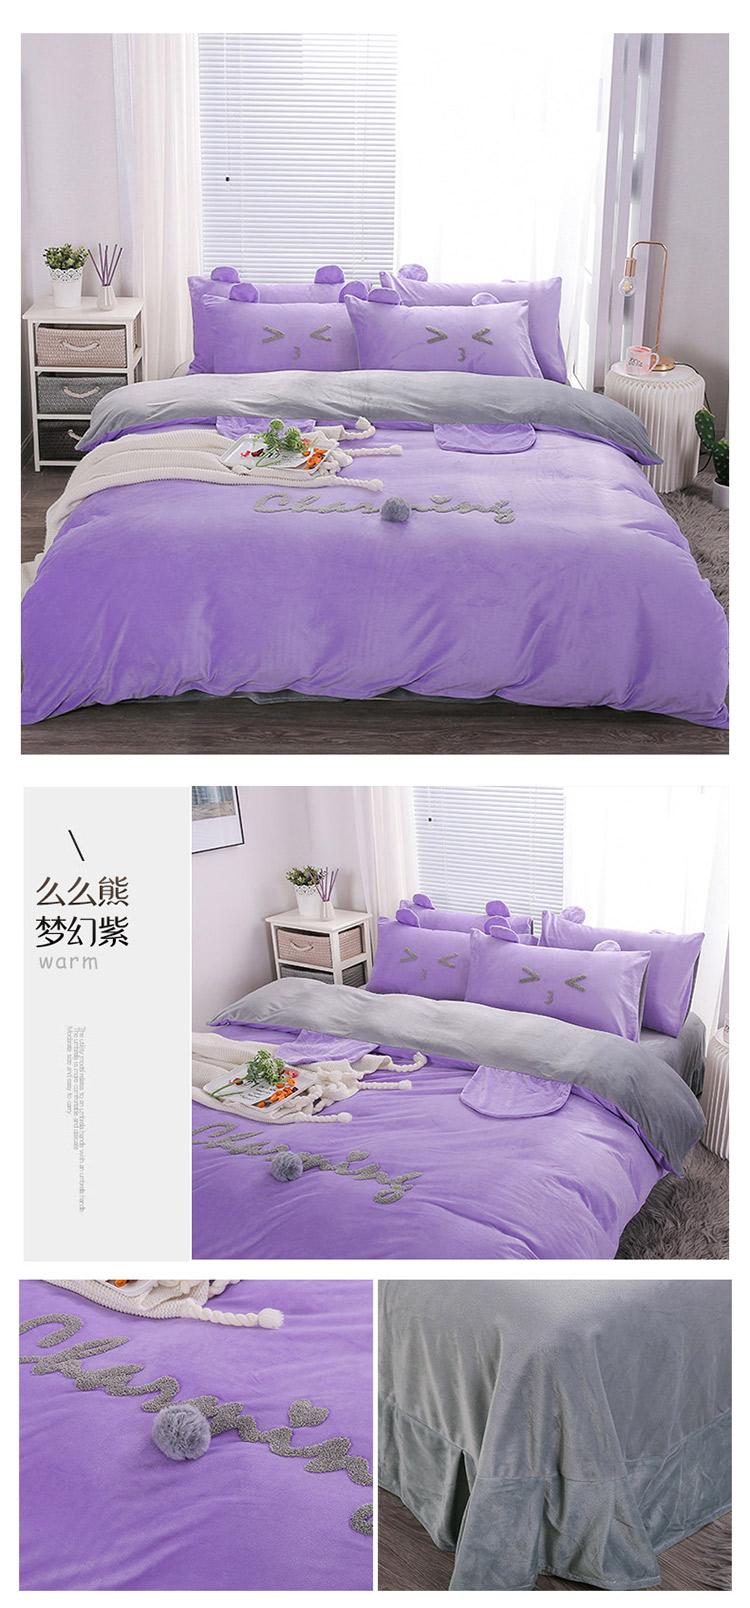 么么熊梦幻紫.jpg